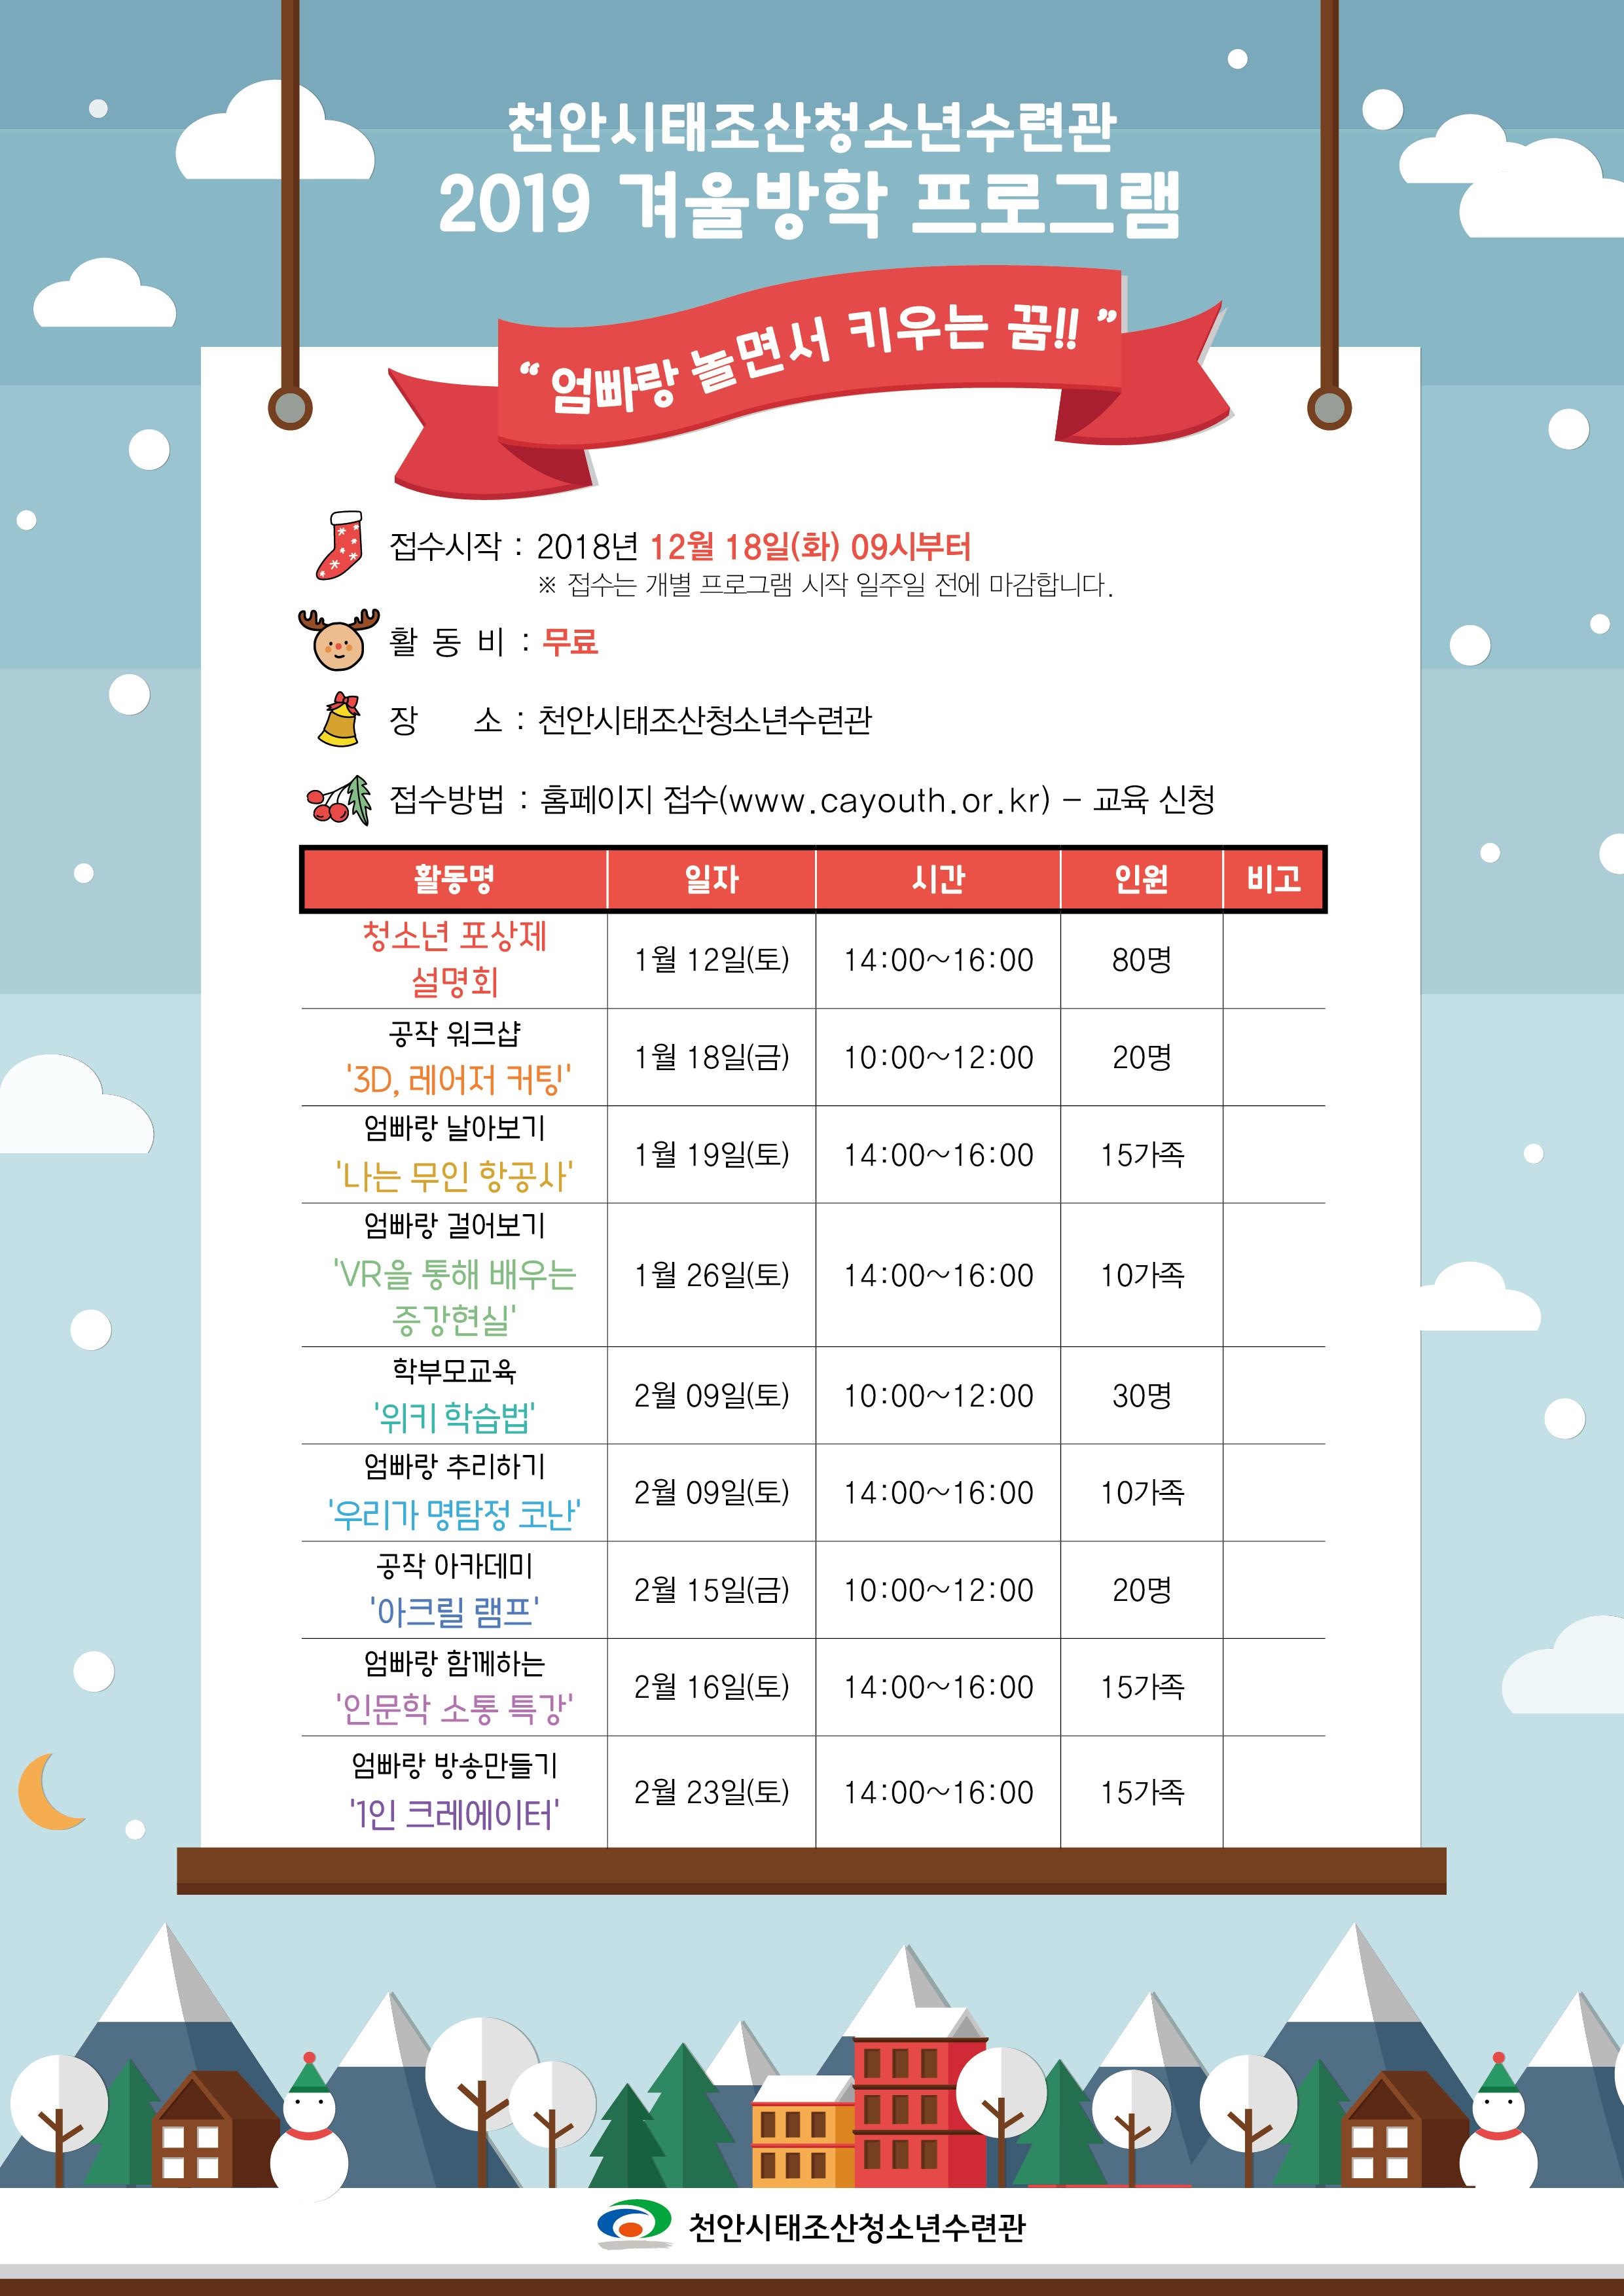 2018.12.18 태조산수련관 겨울방학프로그램_웹포스터_최종.jpg